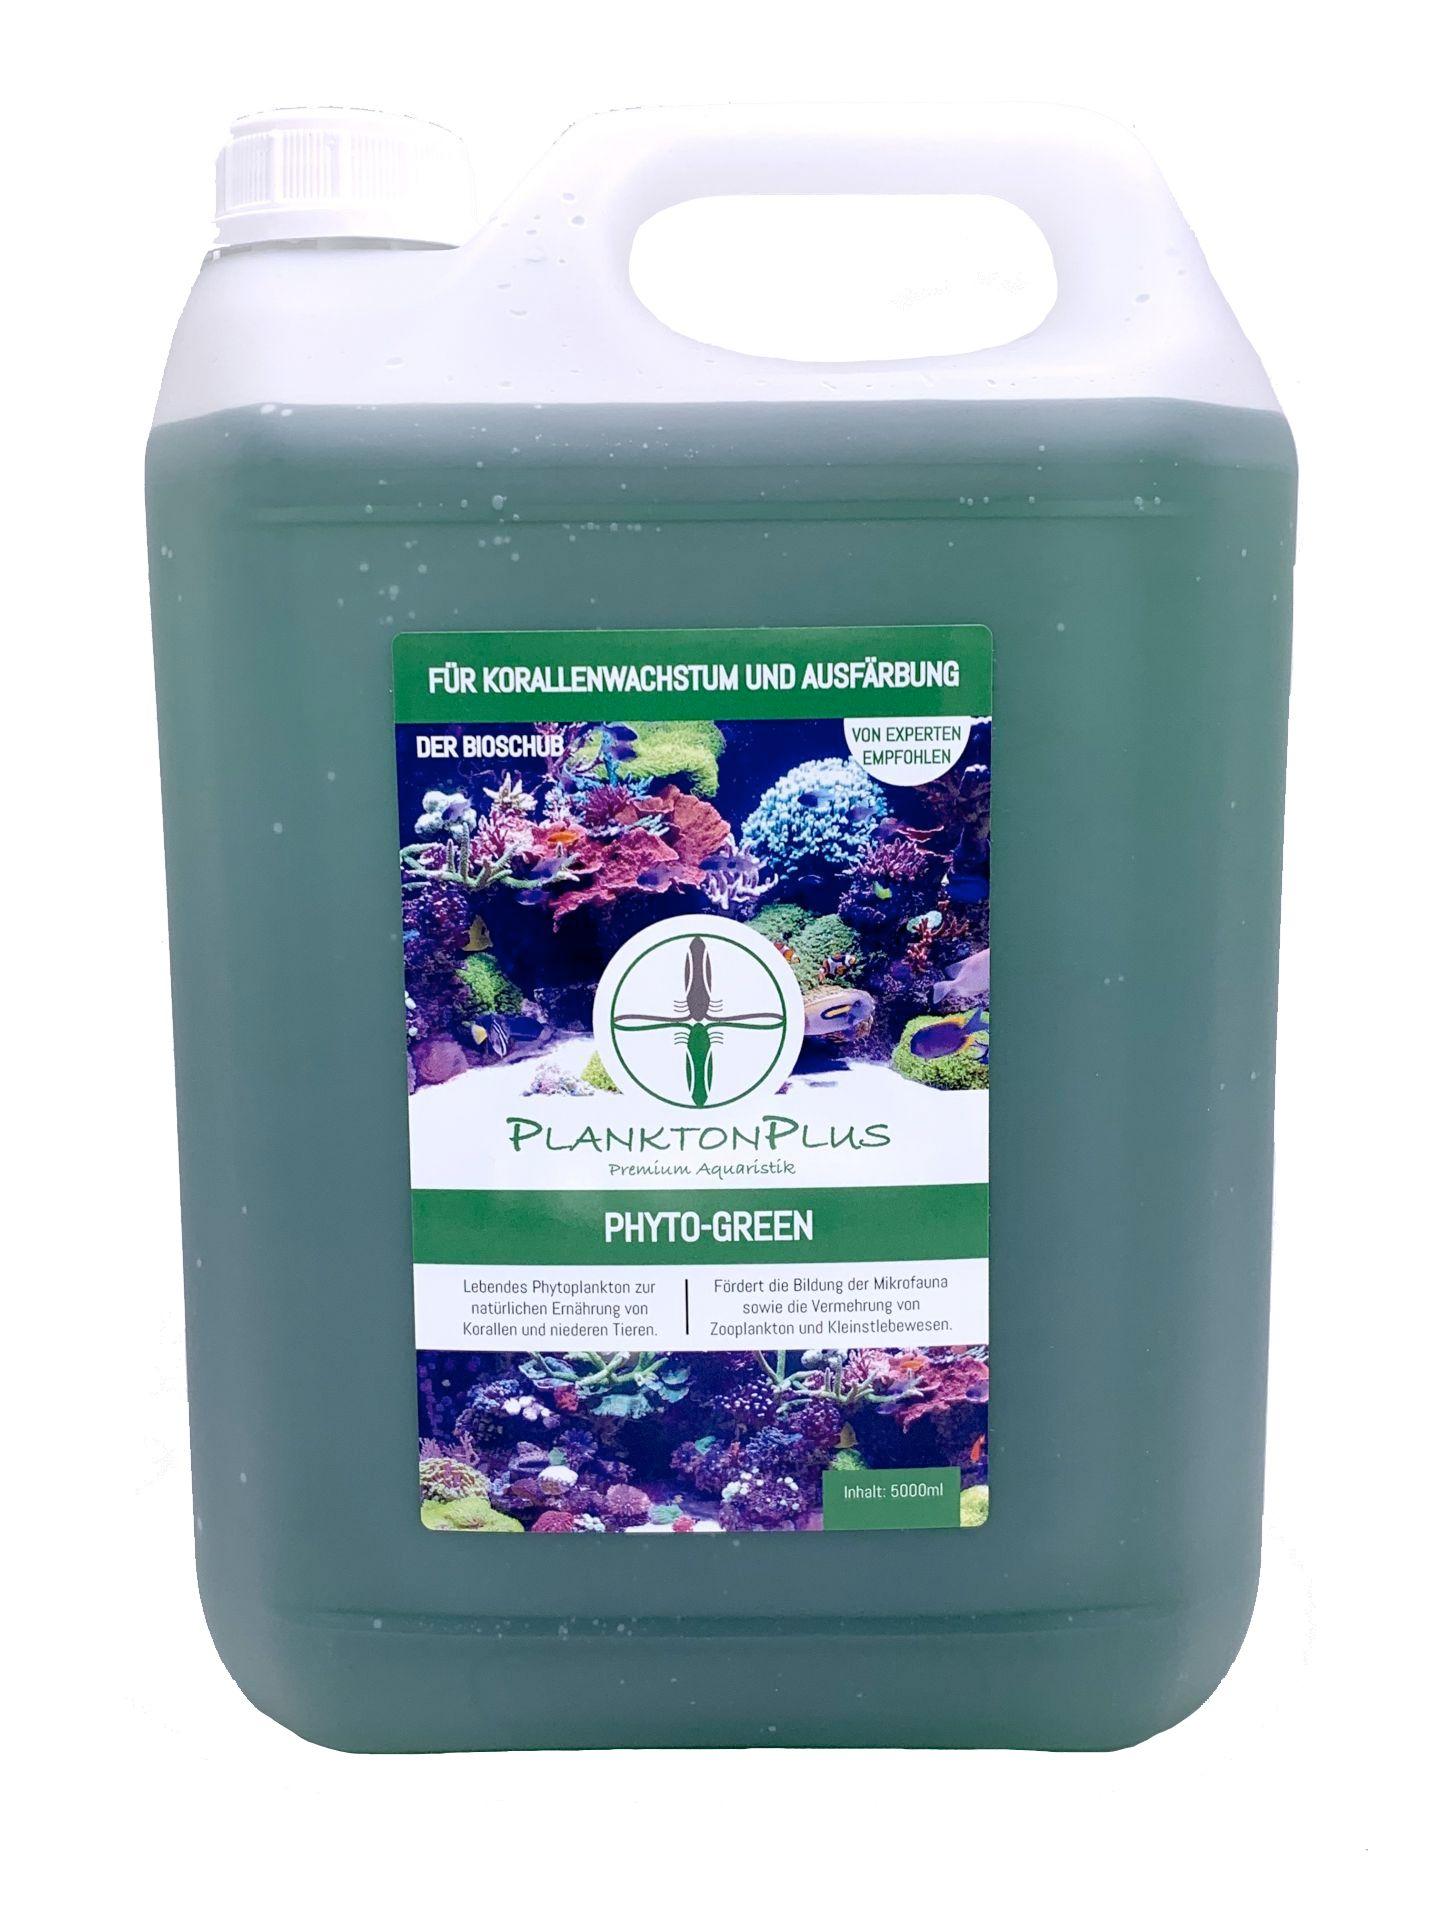 PlanktonPlus Phyto-Green 5000 ml Kanister